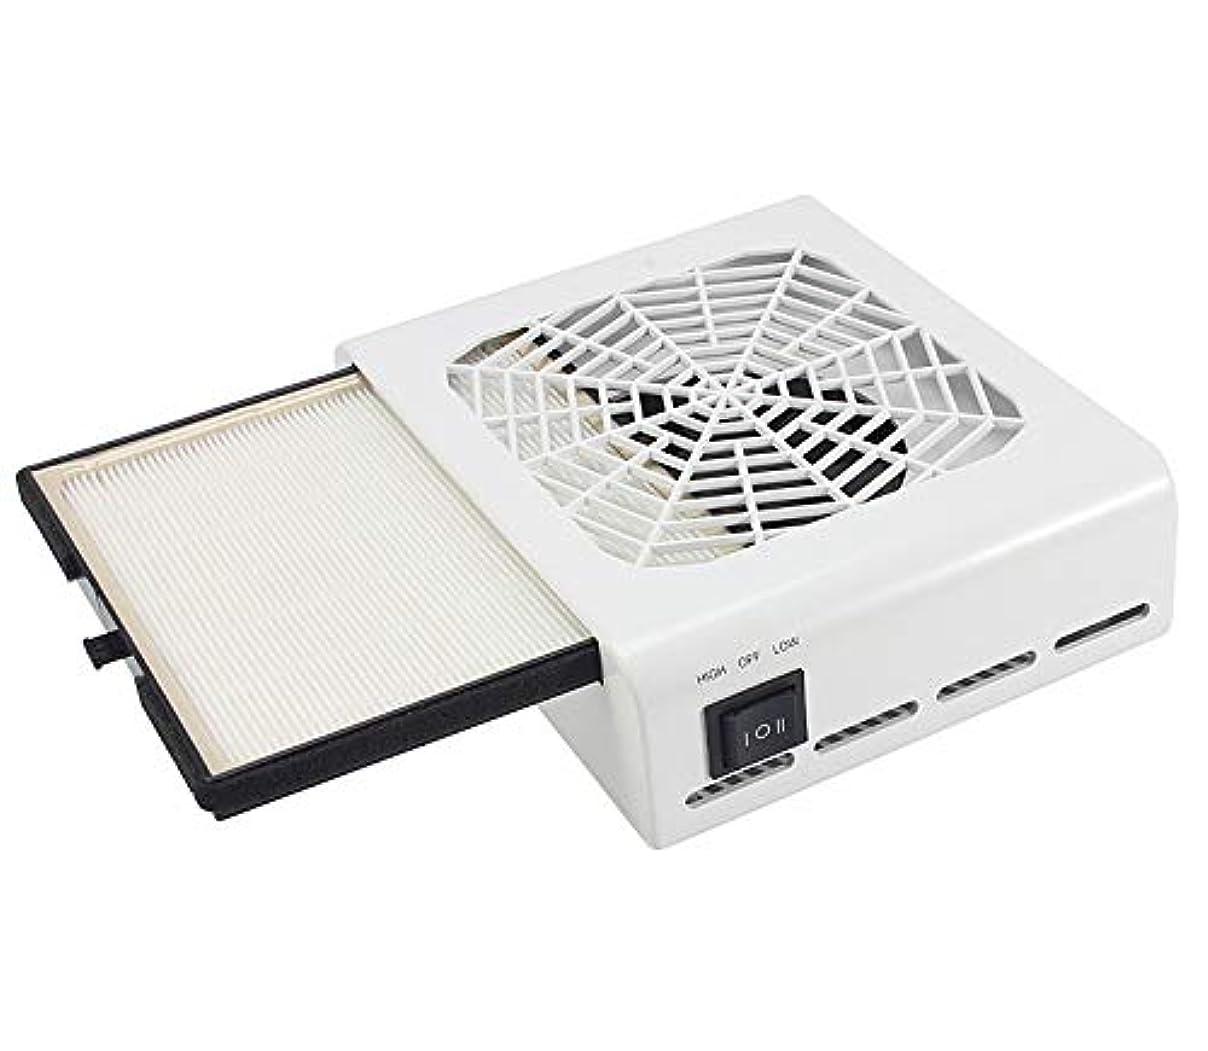 領域ルビー広まった最新版 ネイルダスト 集塵機 ジェルネイル ネイル機器 ネイルケア用 ハイパワー 45W低騒音 110V 2つの風速は調整可能